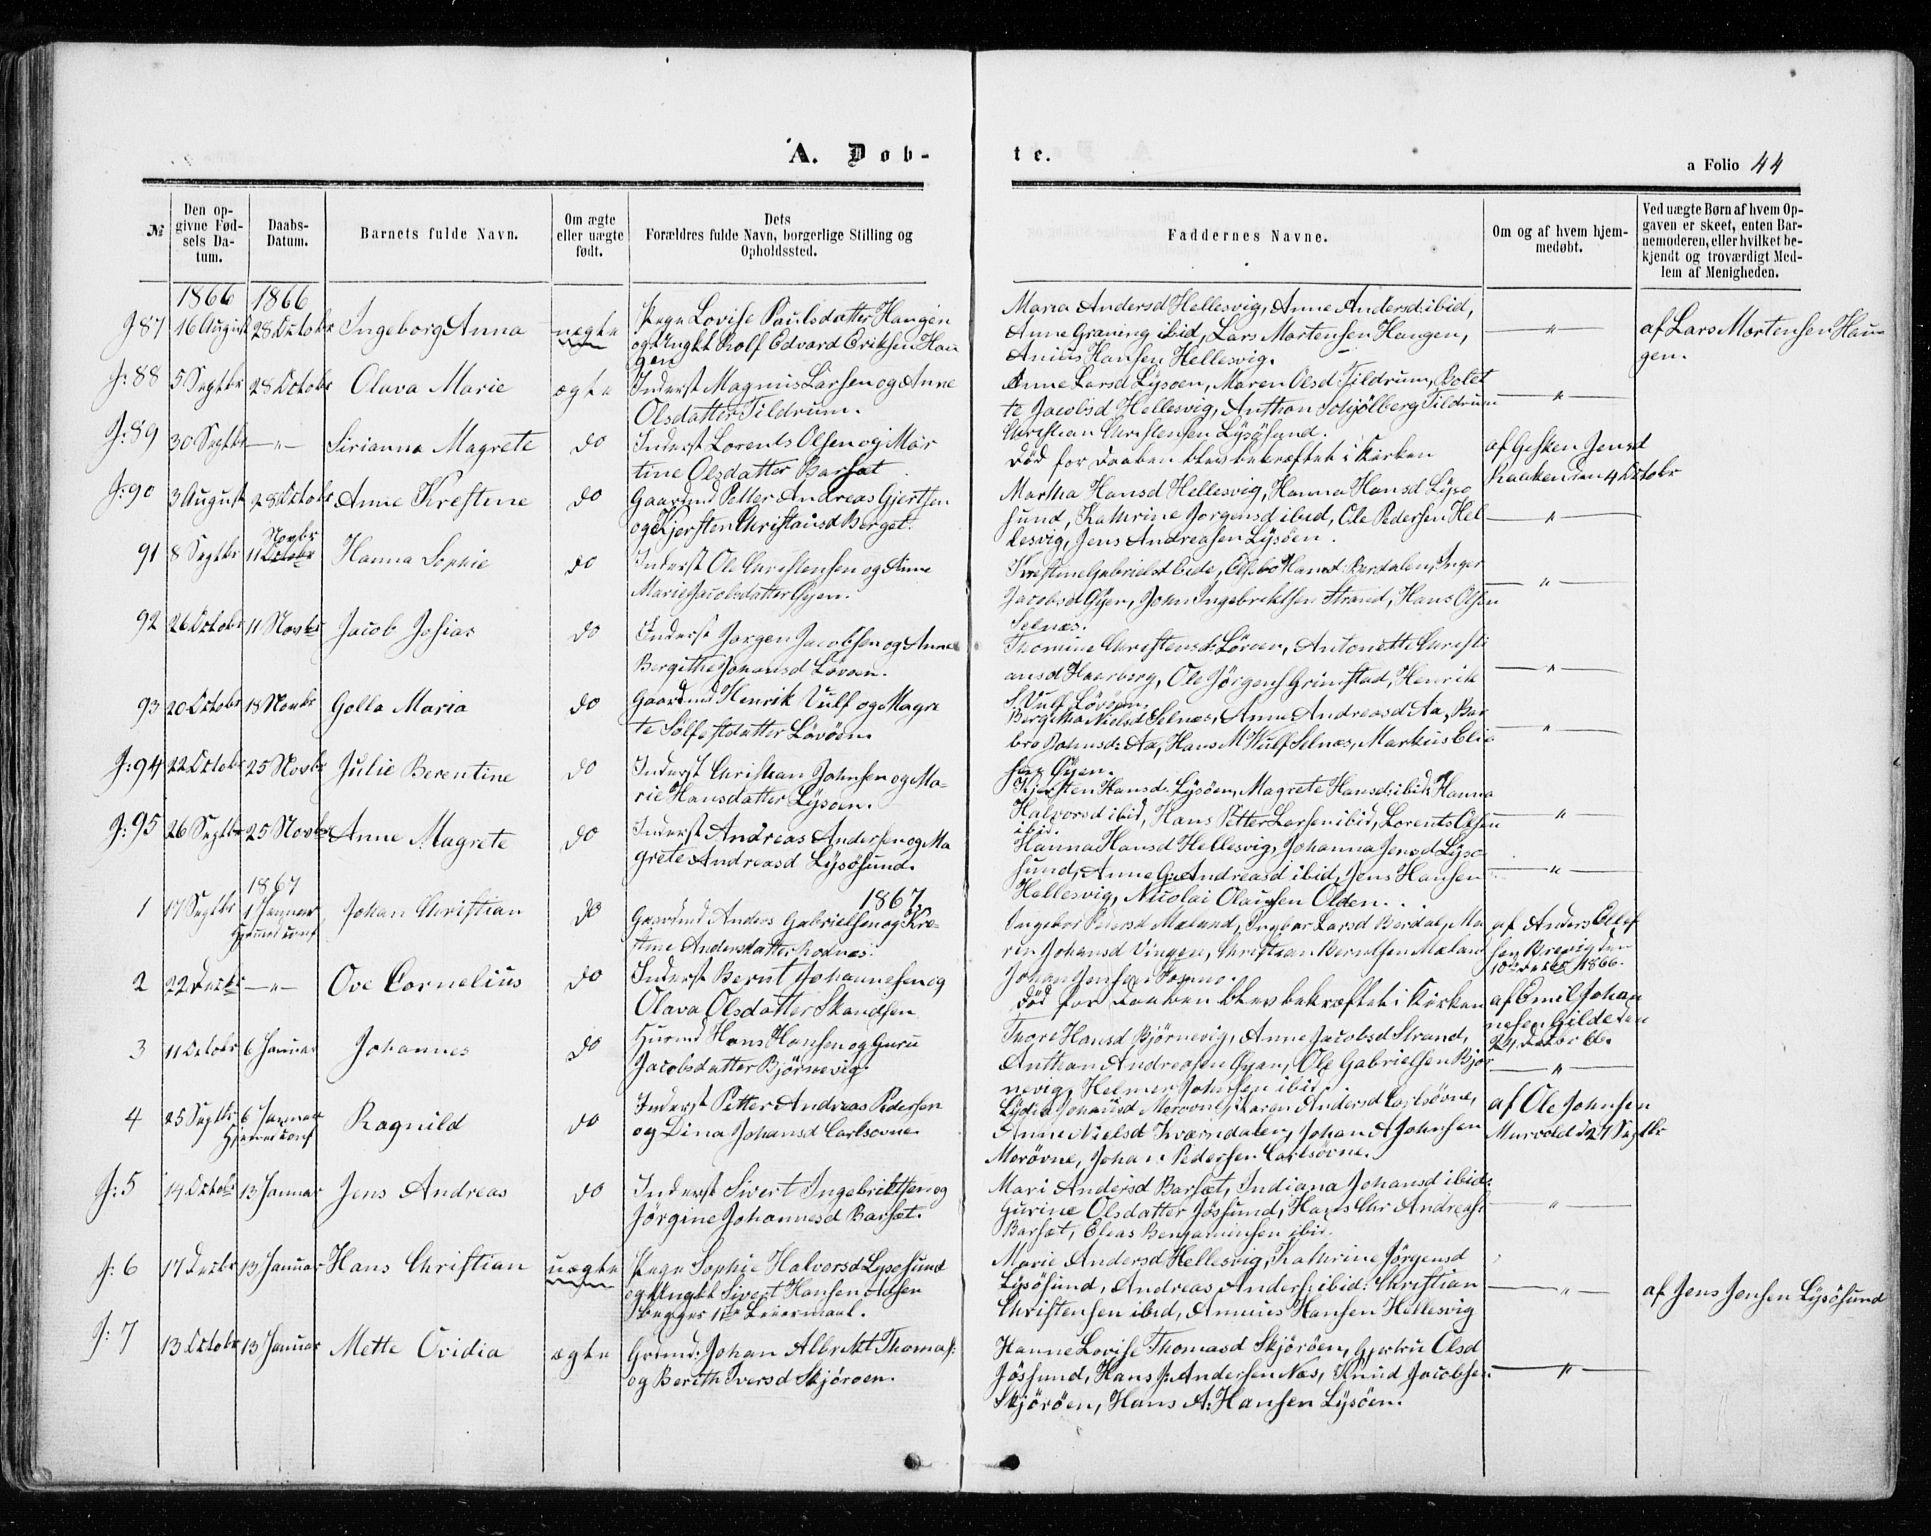 SAT, Ministerialprotokoller, klokkerbøker og fødselsregistre - Sør-Trøndelag, 655/L0678: Ministerialbok nr. 655A07, 1861-1873, s. 44